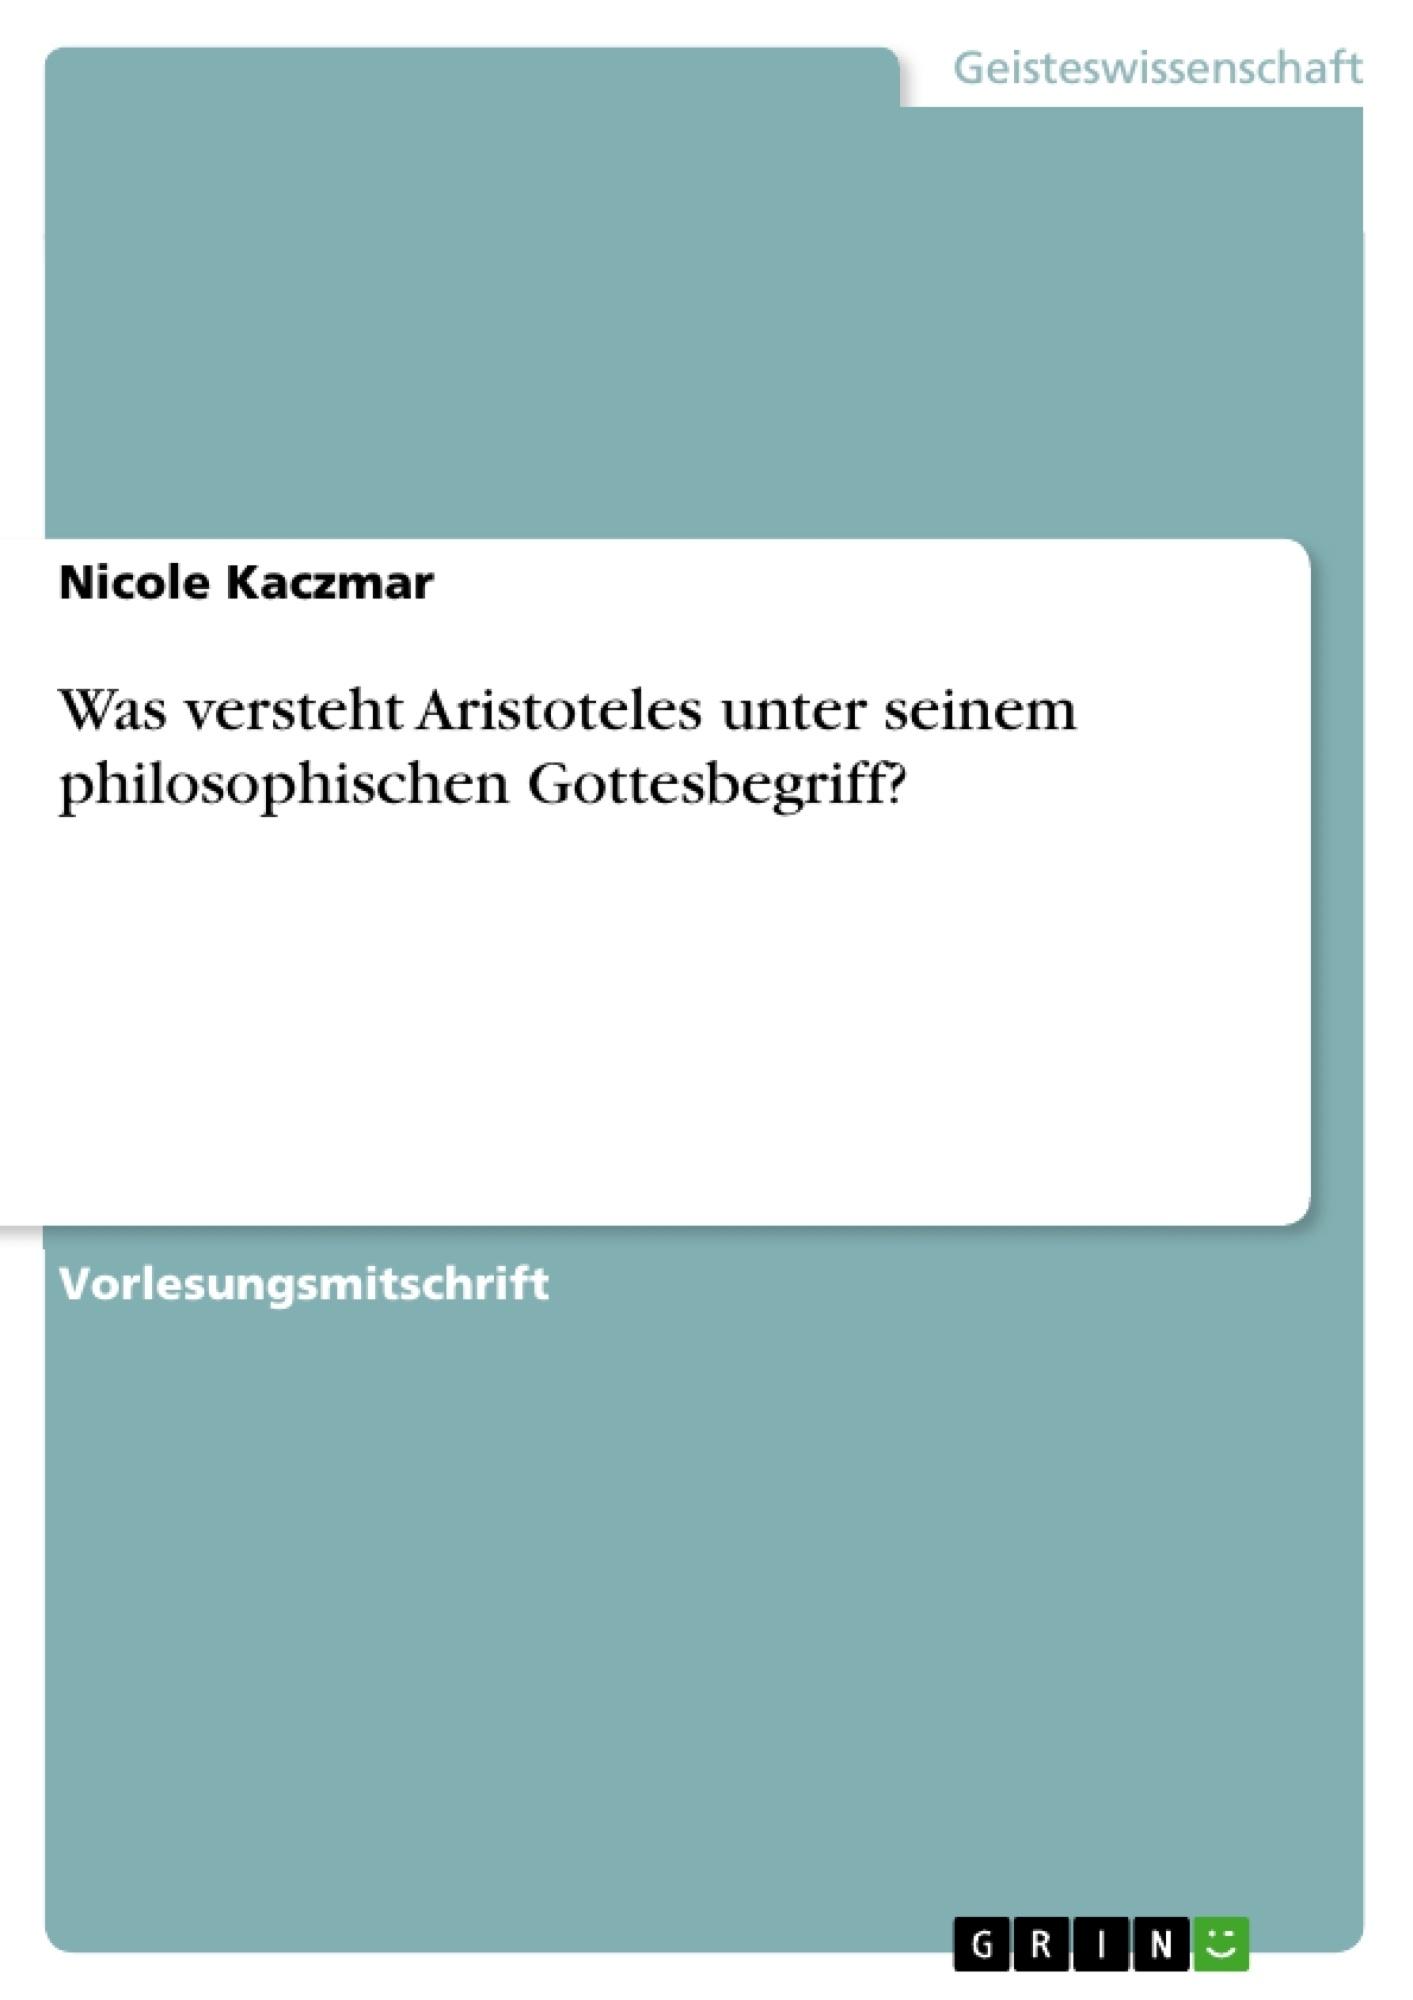 Titel: Was versteht Aristoteles unter seinem philosophischen Gottesbegriff?